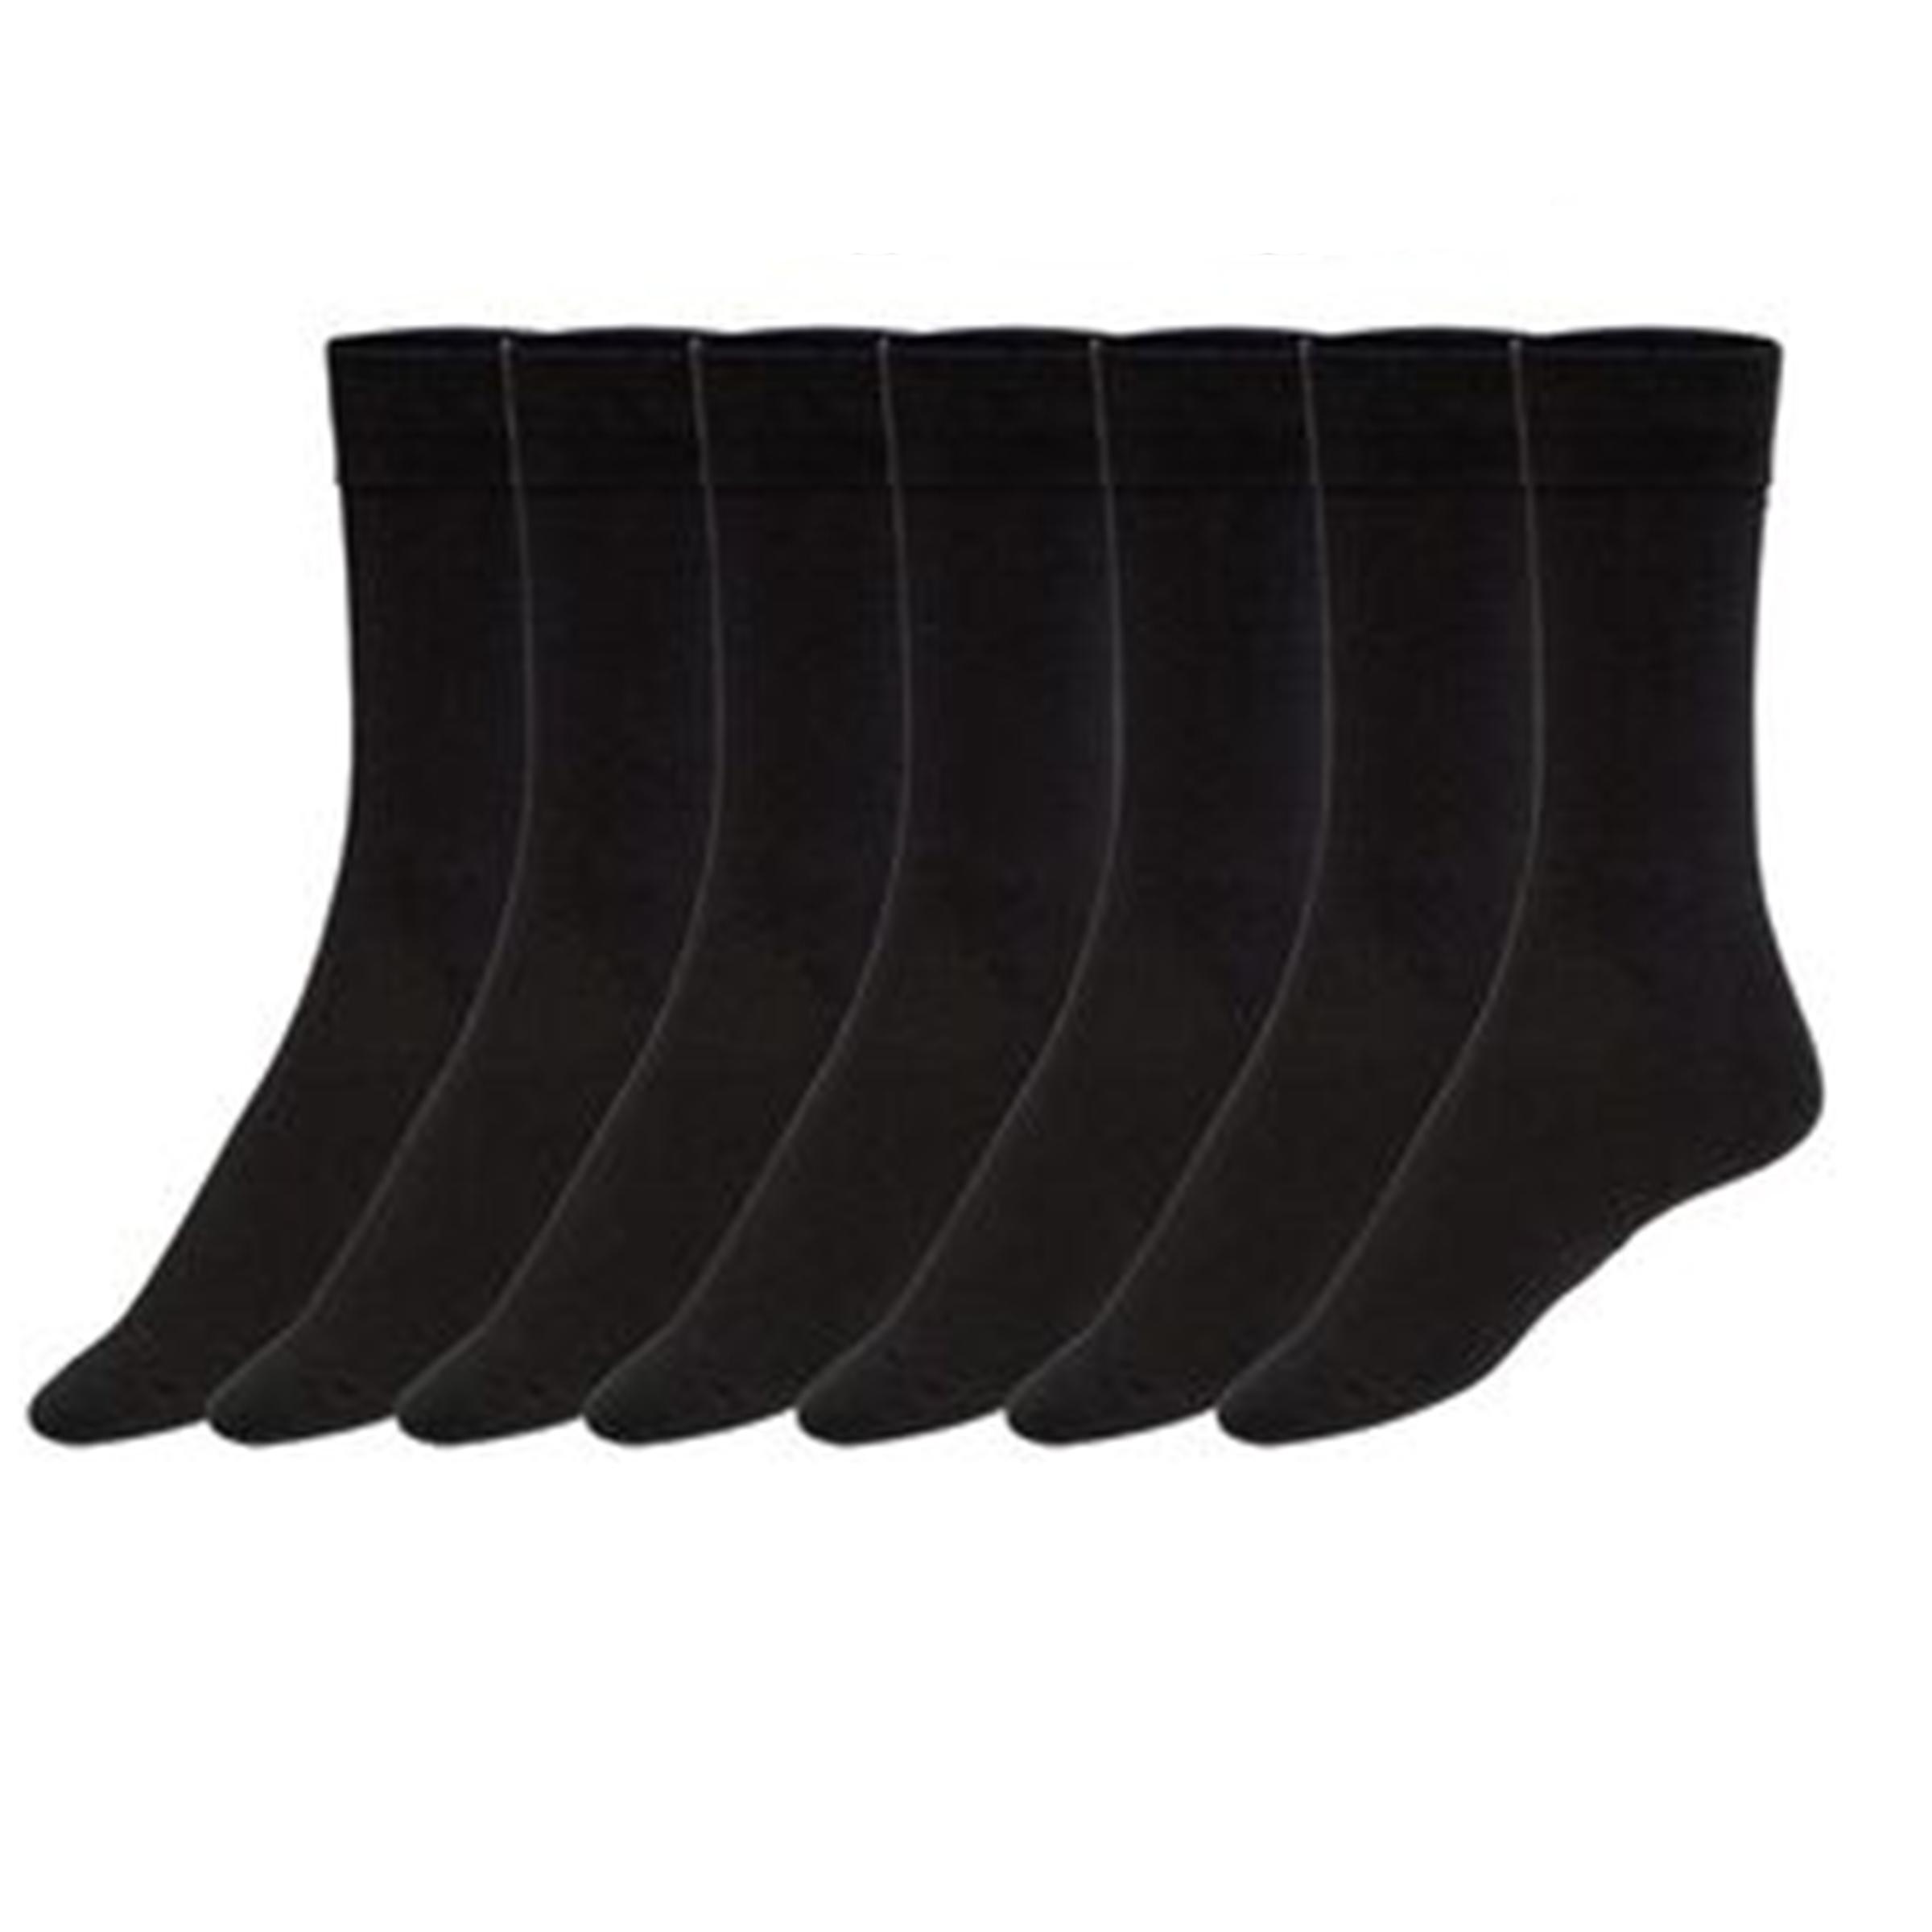 جوراب مردانه لیورجی مدل GvBK7Pc بسته 7 عددی